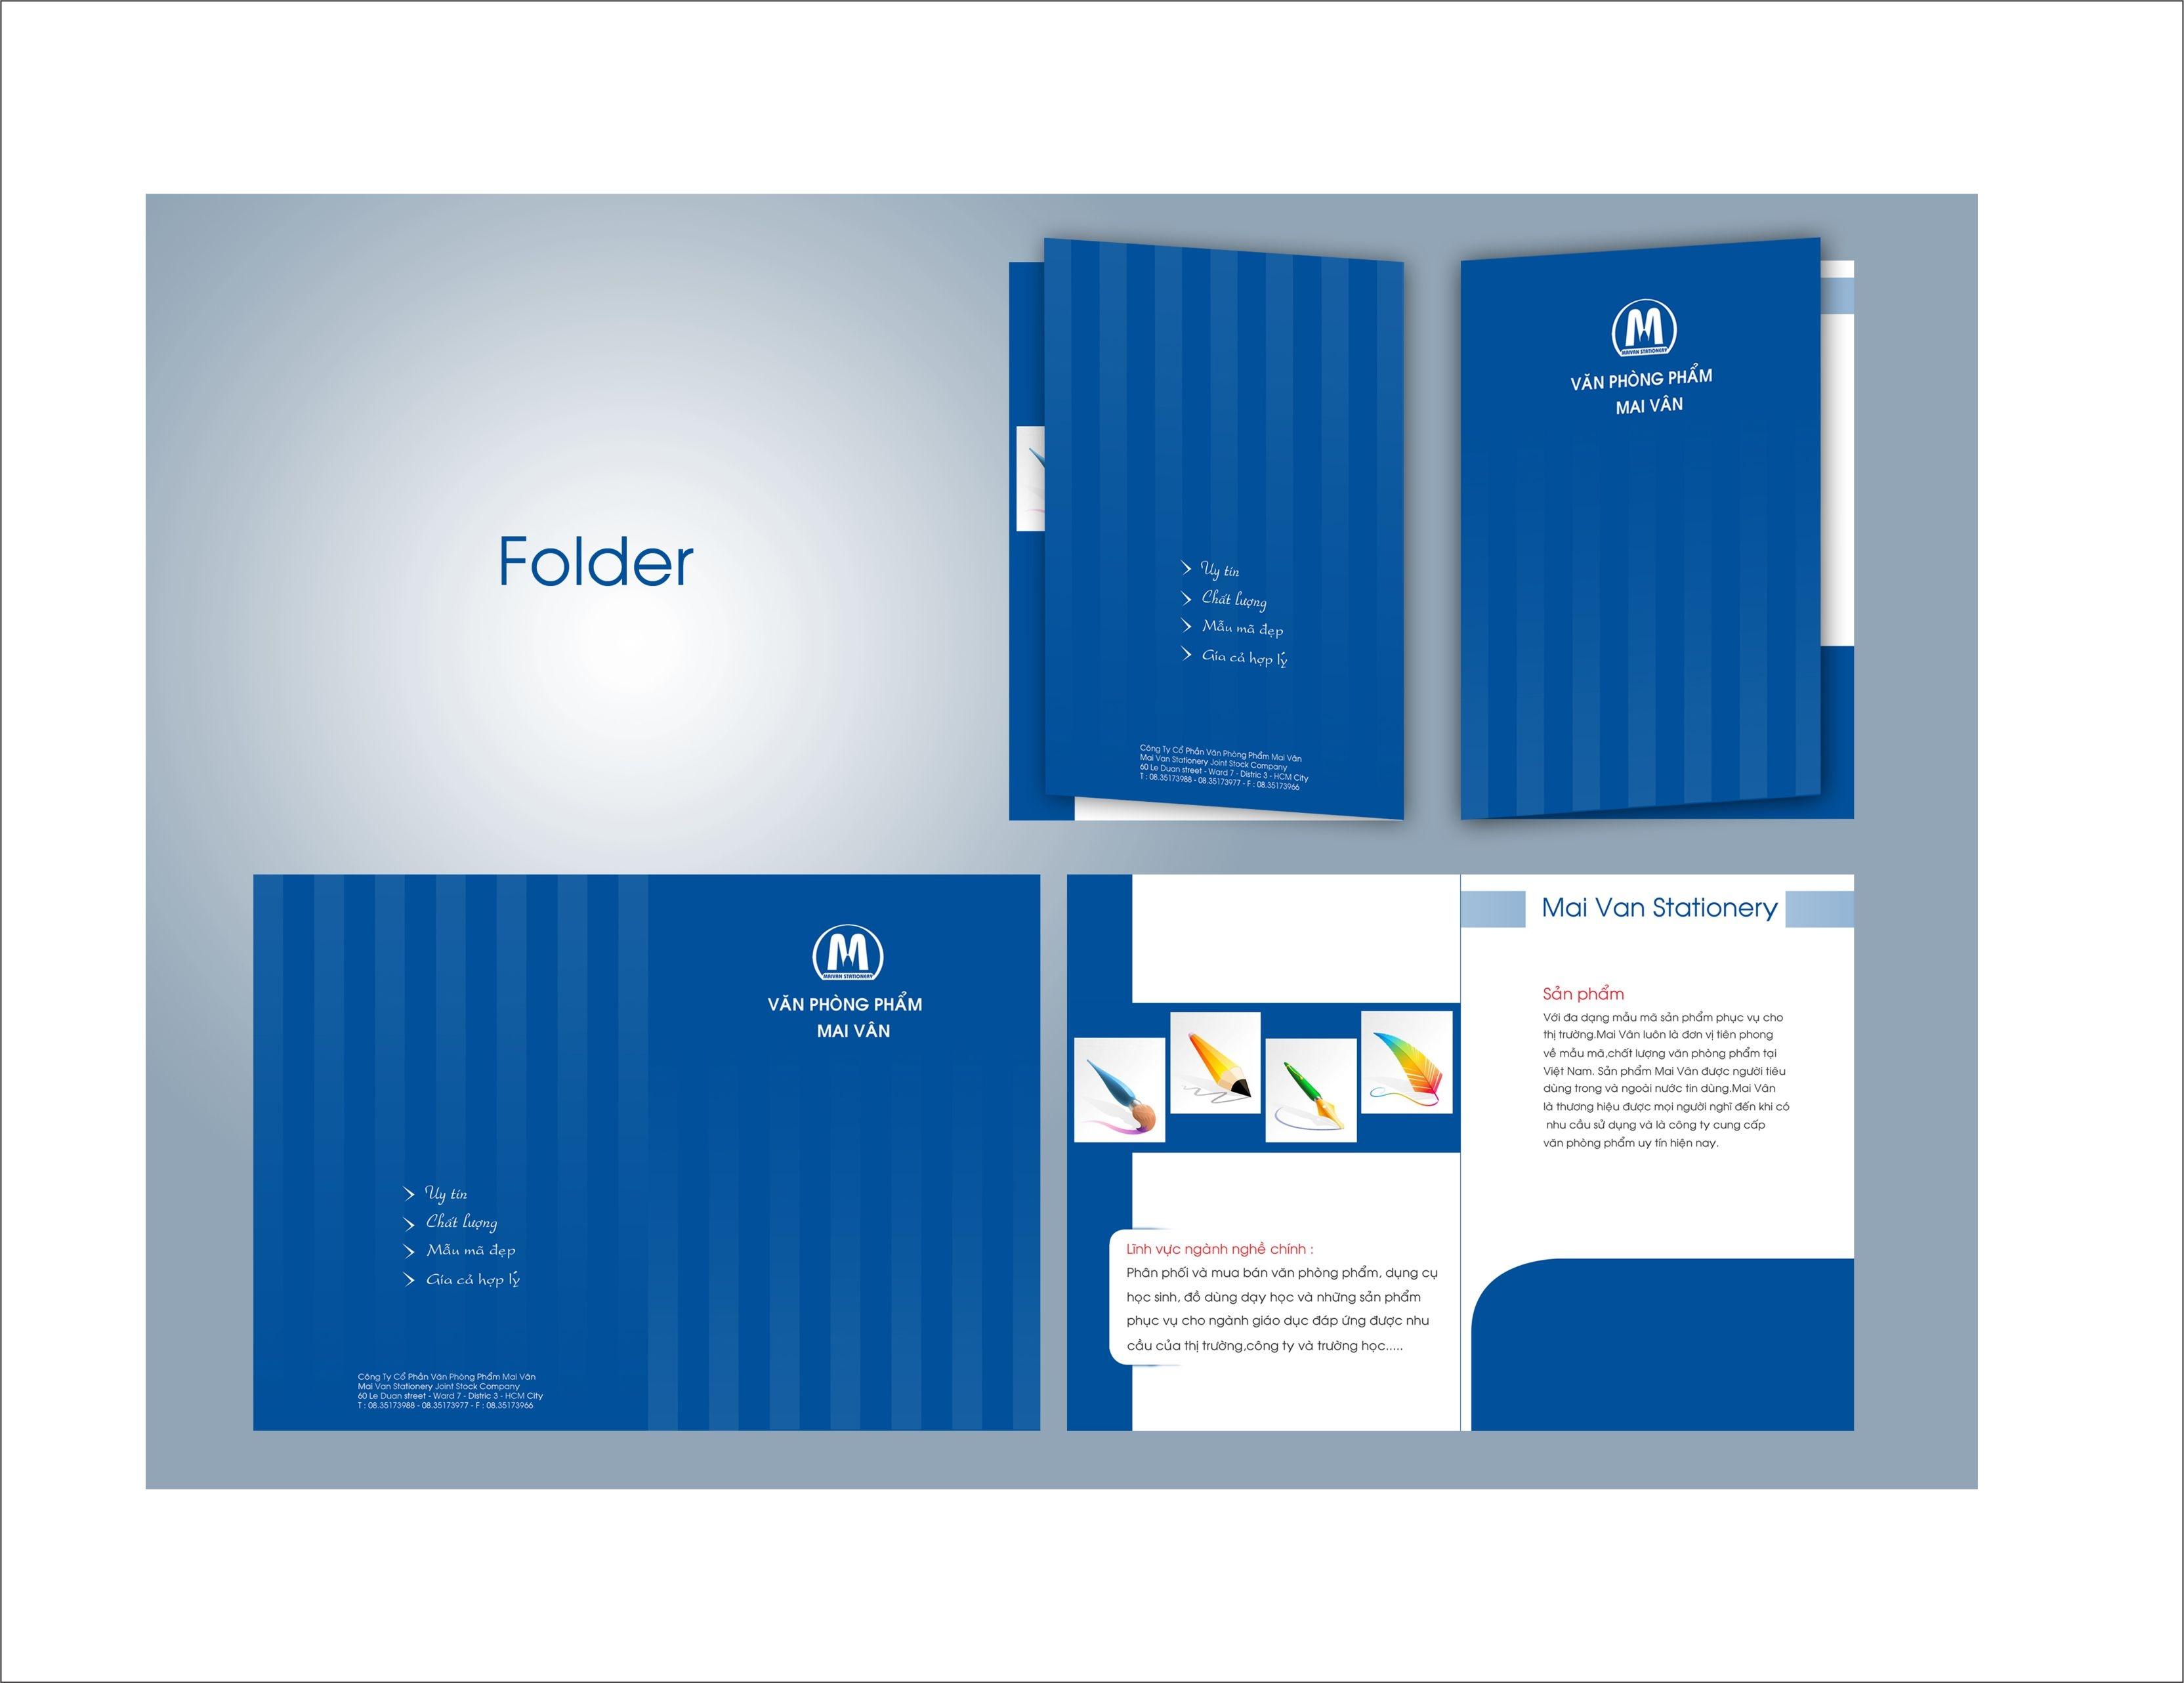 In folder 1